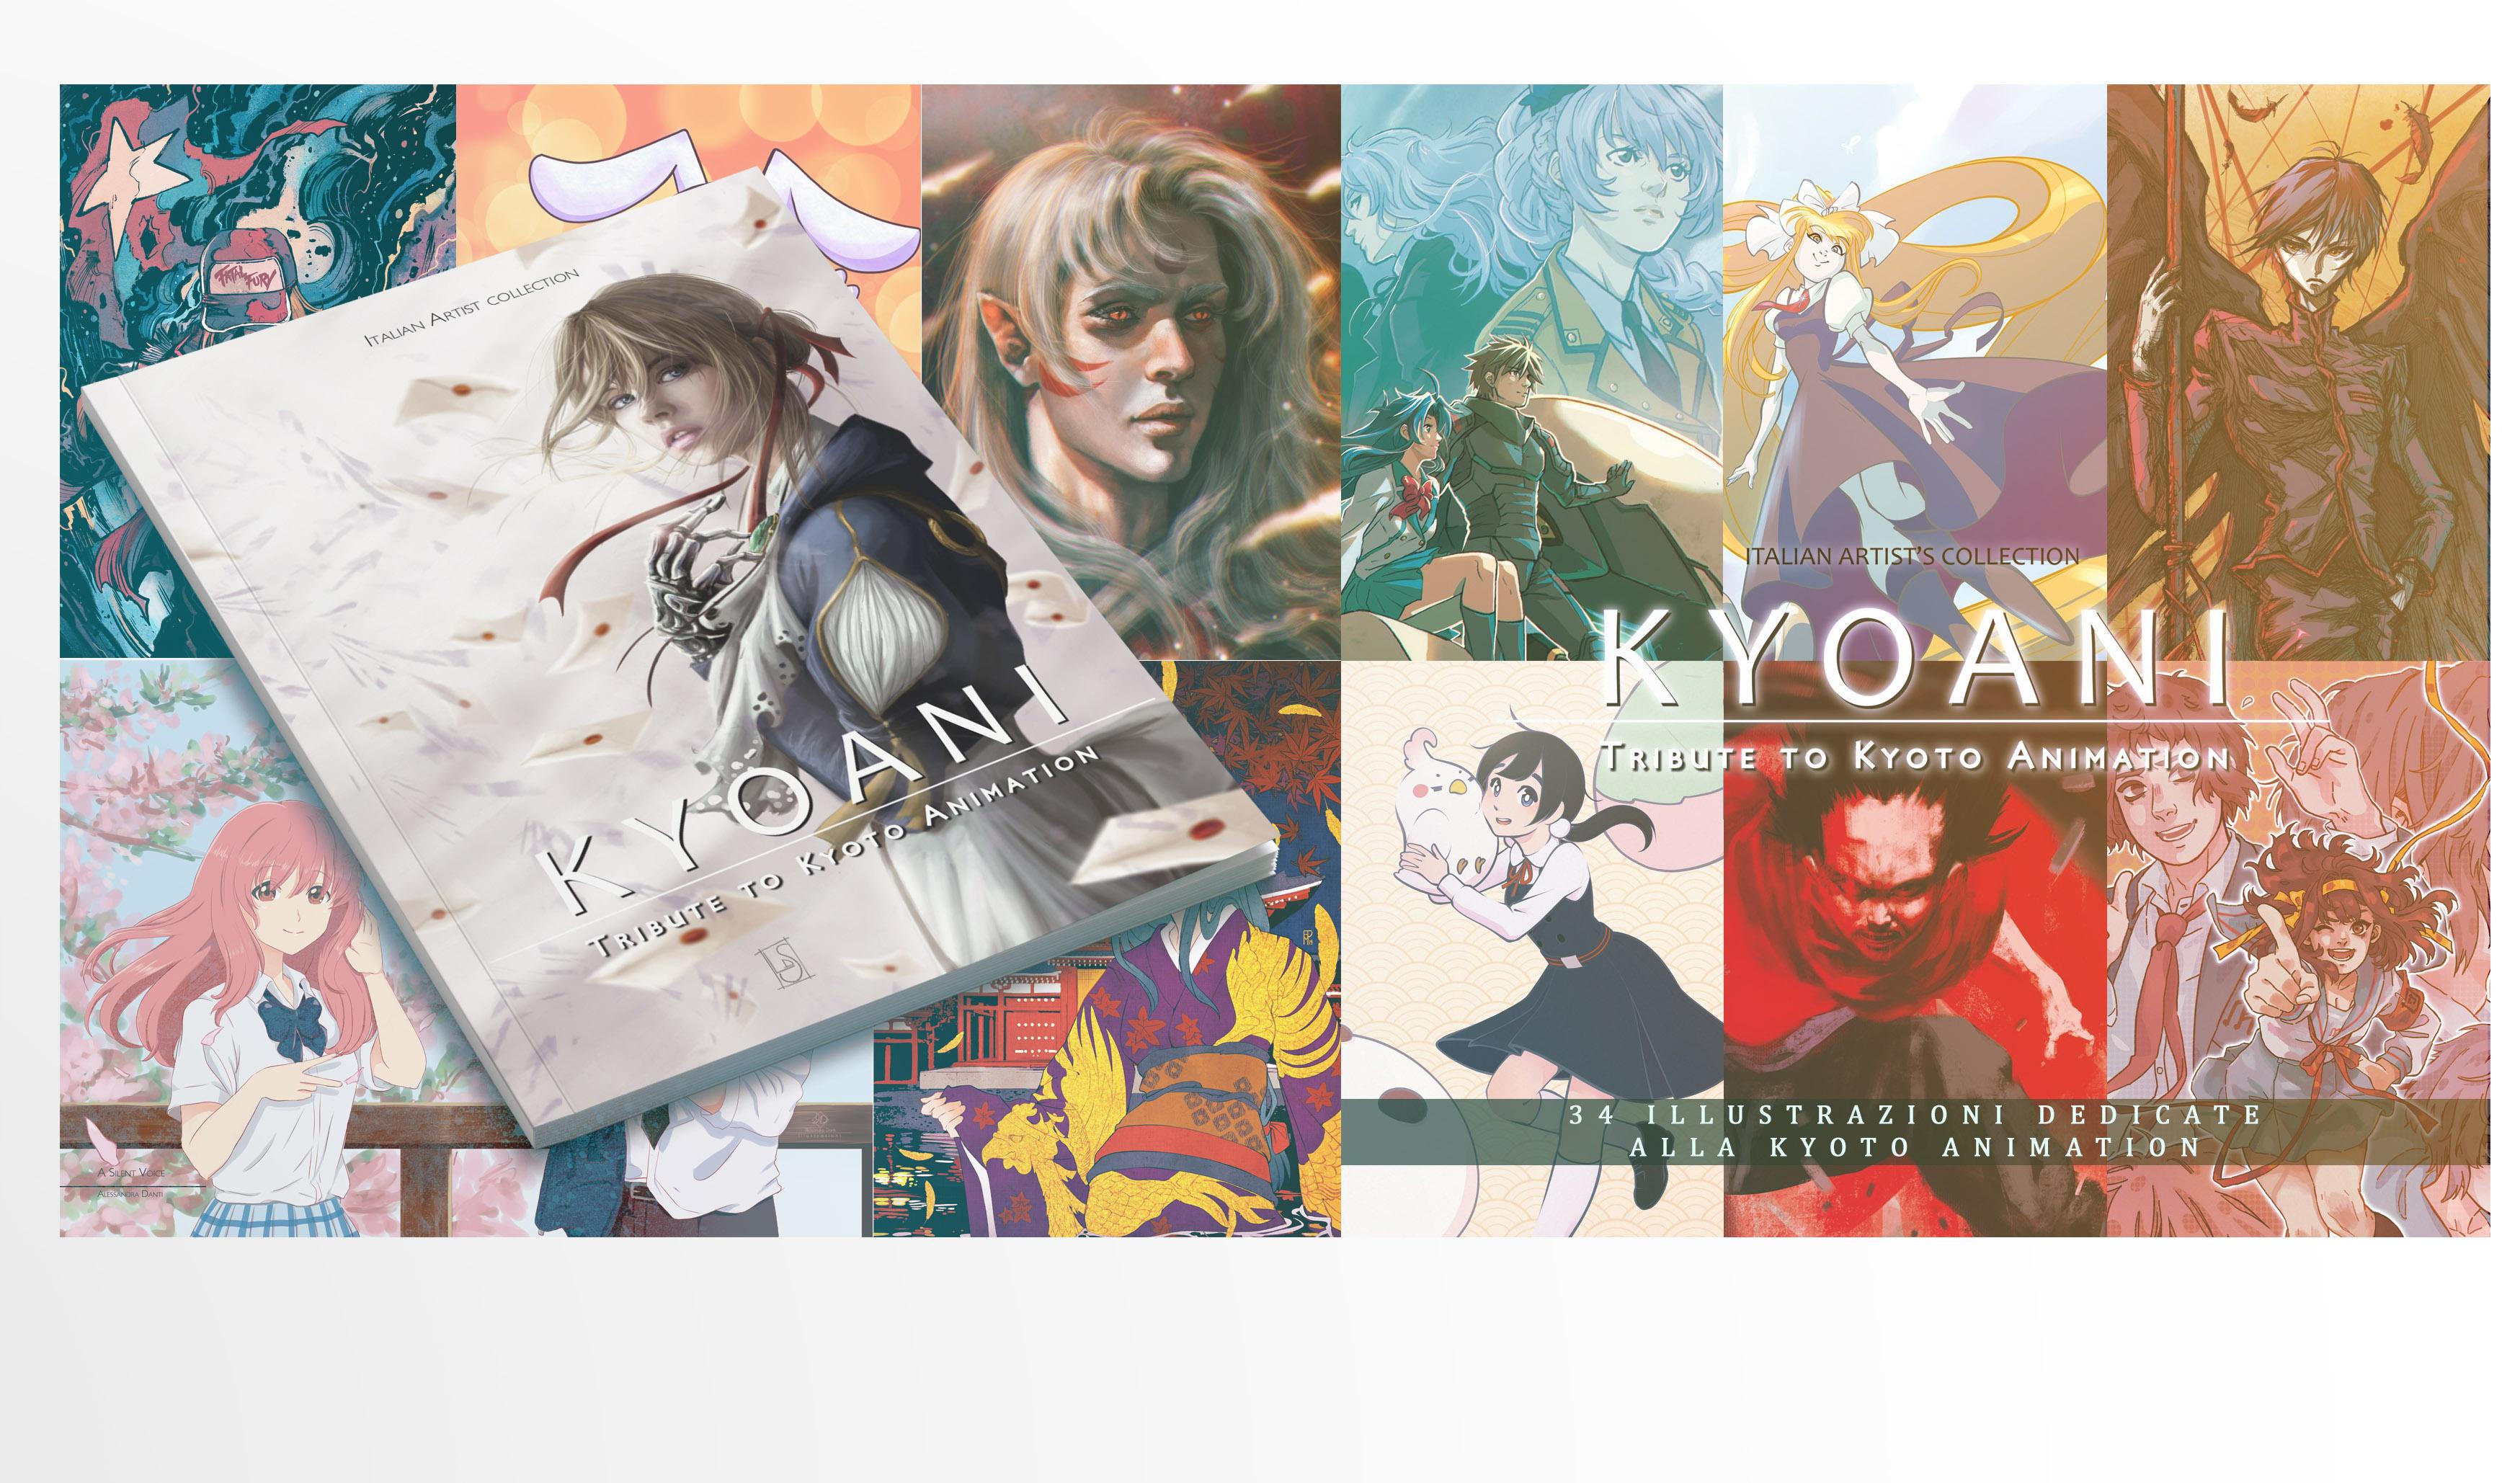 KYOANI - A Tribute To Kyoto Animation, il progetto italiano a sostegno del famoso studio giapponese